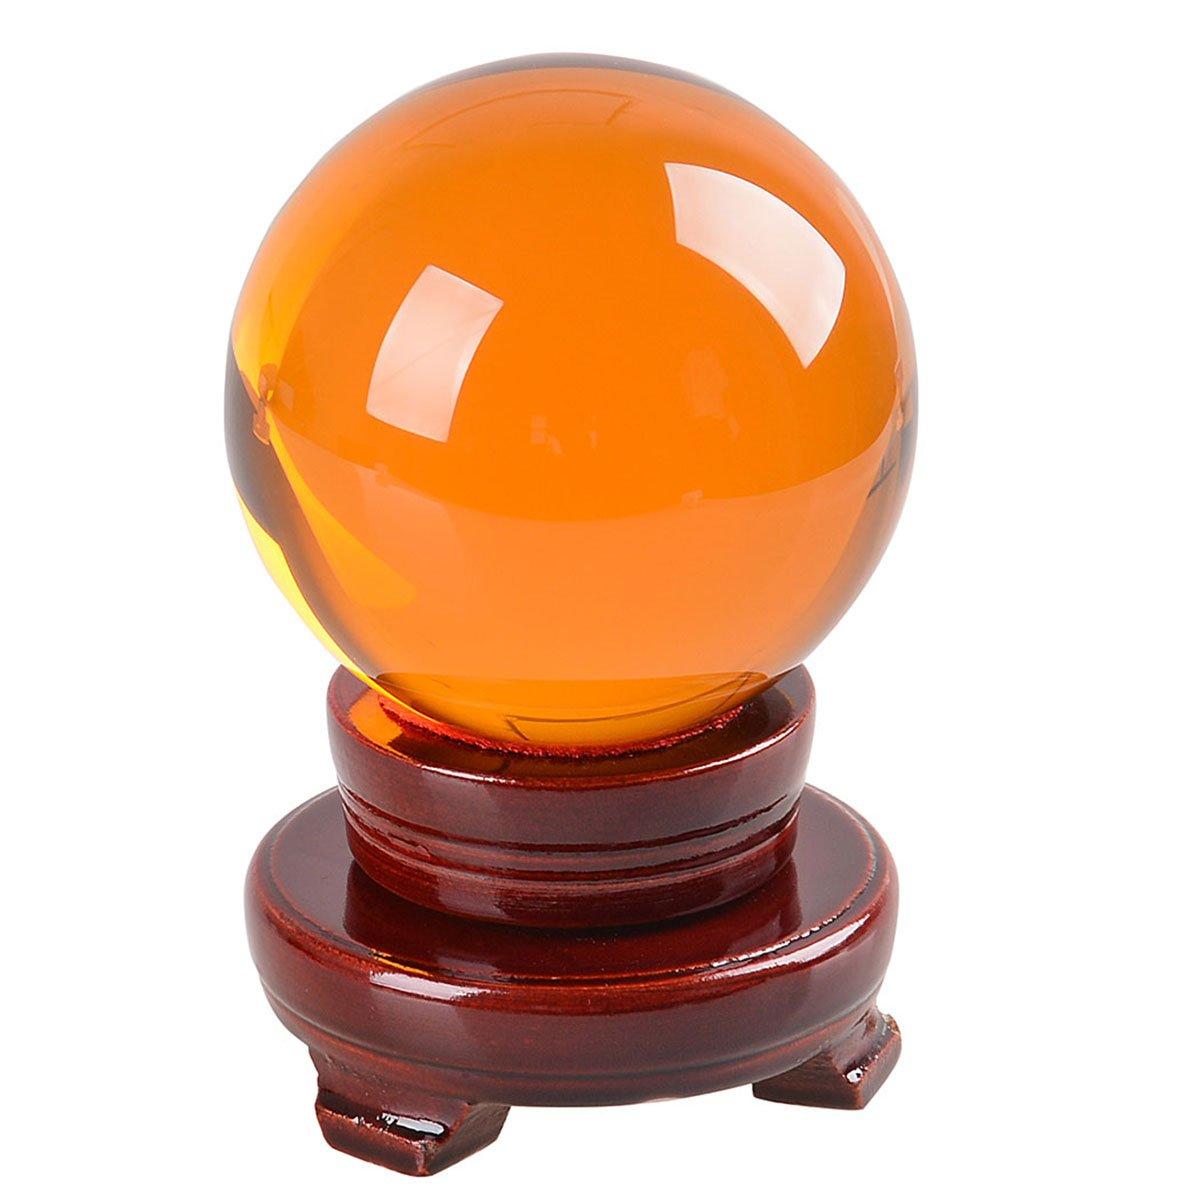 多色透明 水晶玉 150mm クリスタルボール 装飾品 【木製台ギフトボックス】 (茶色) B01N6GASP0 茶色 茶色